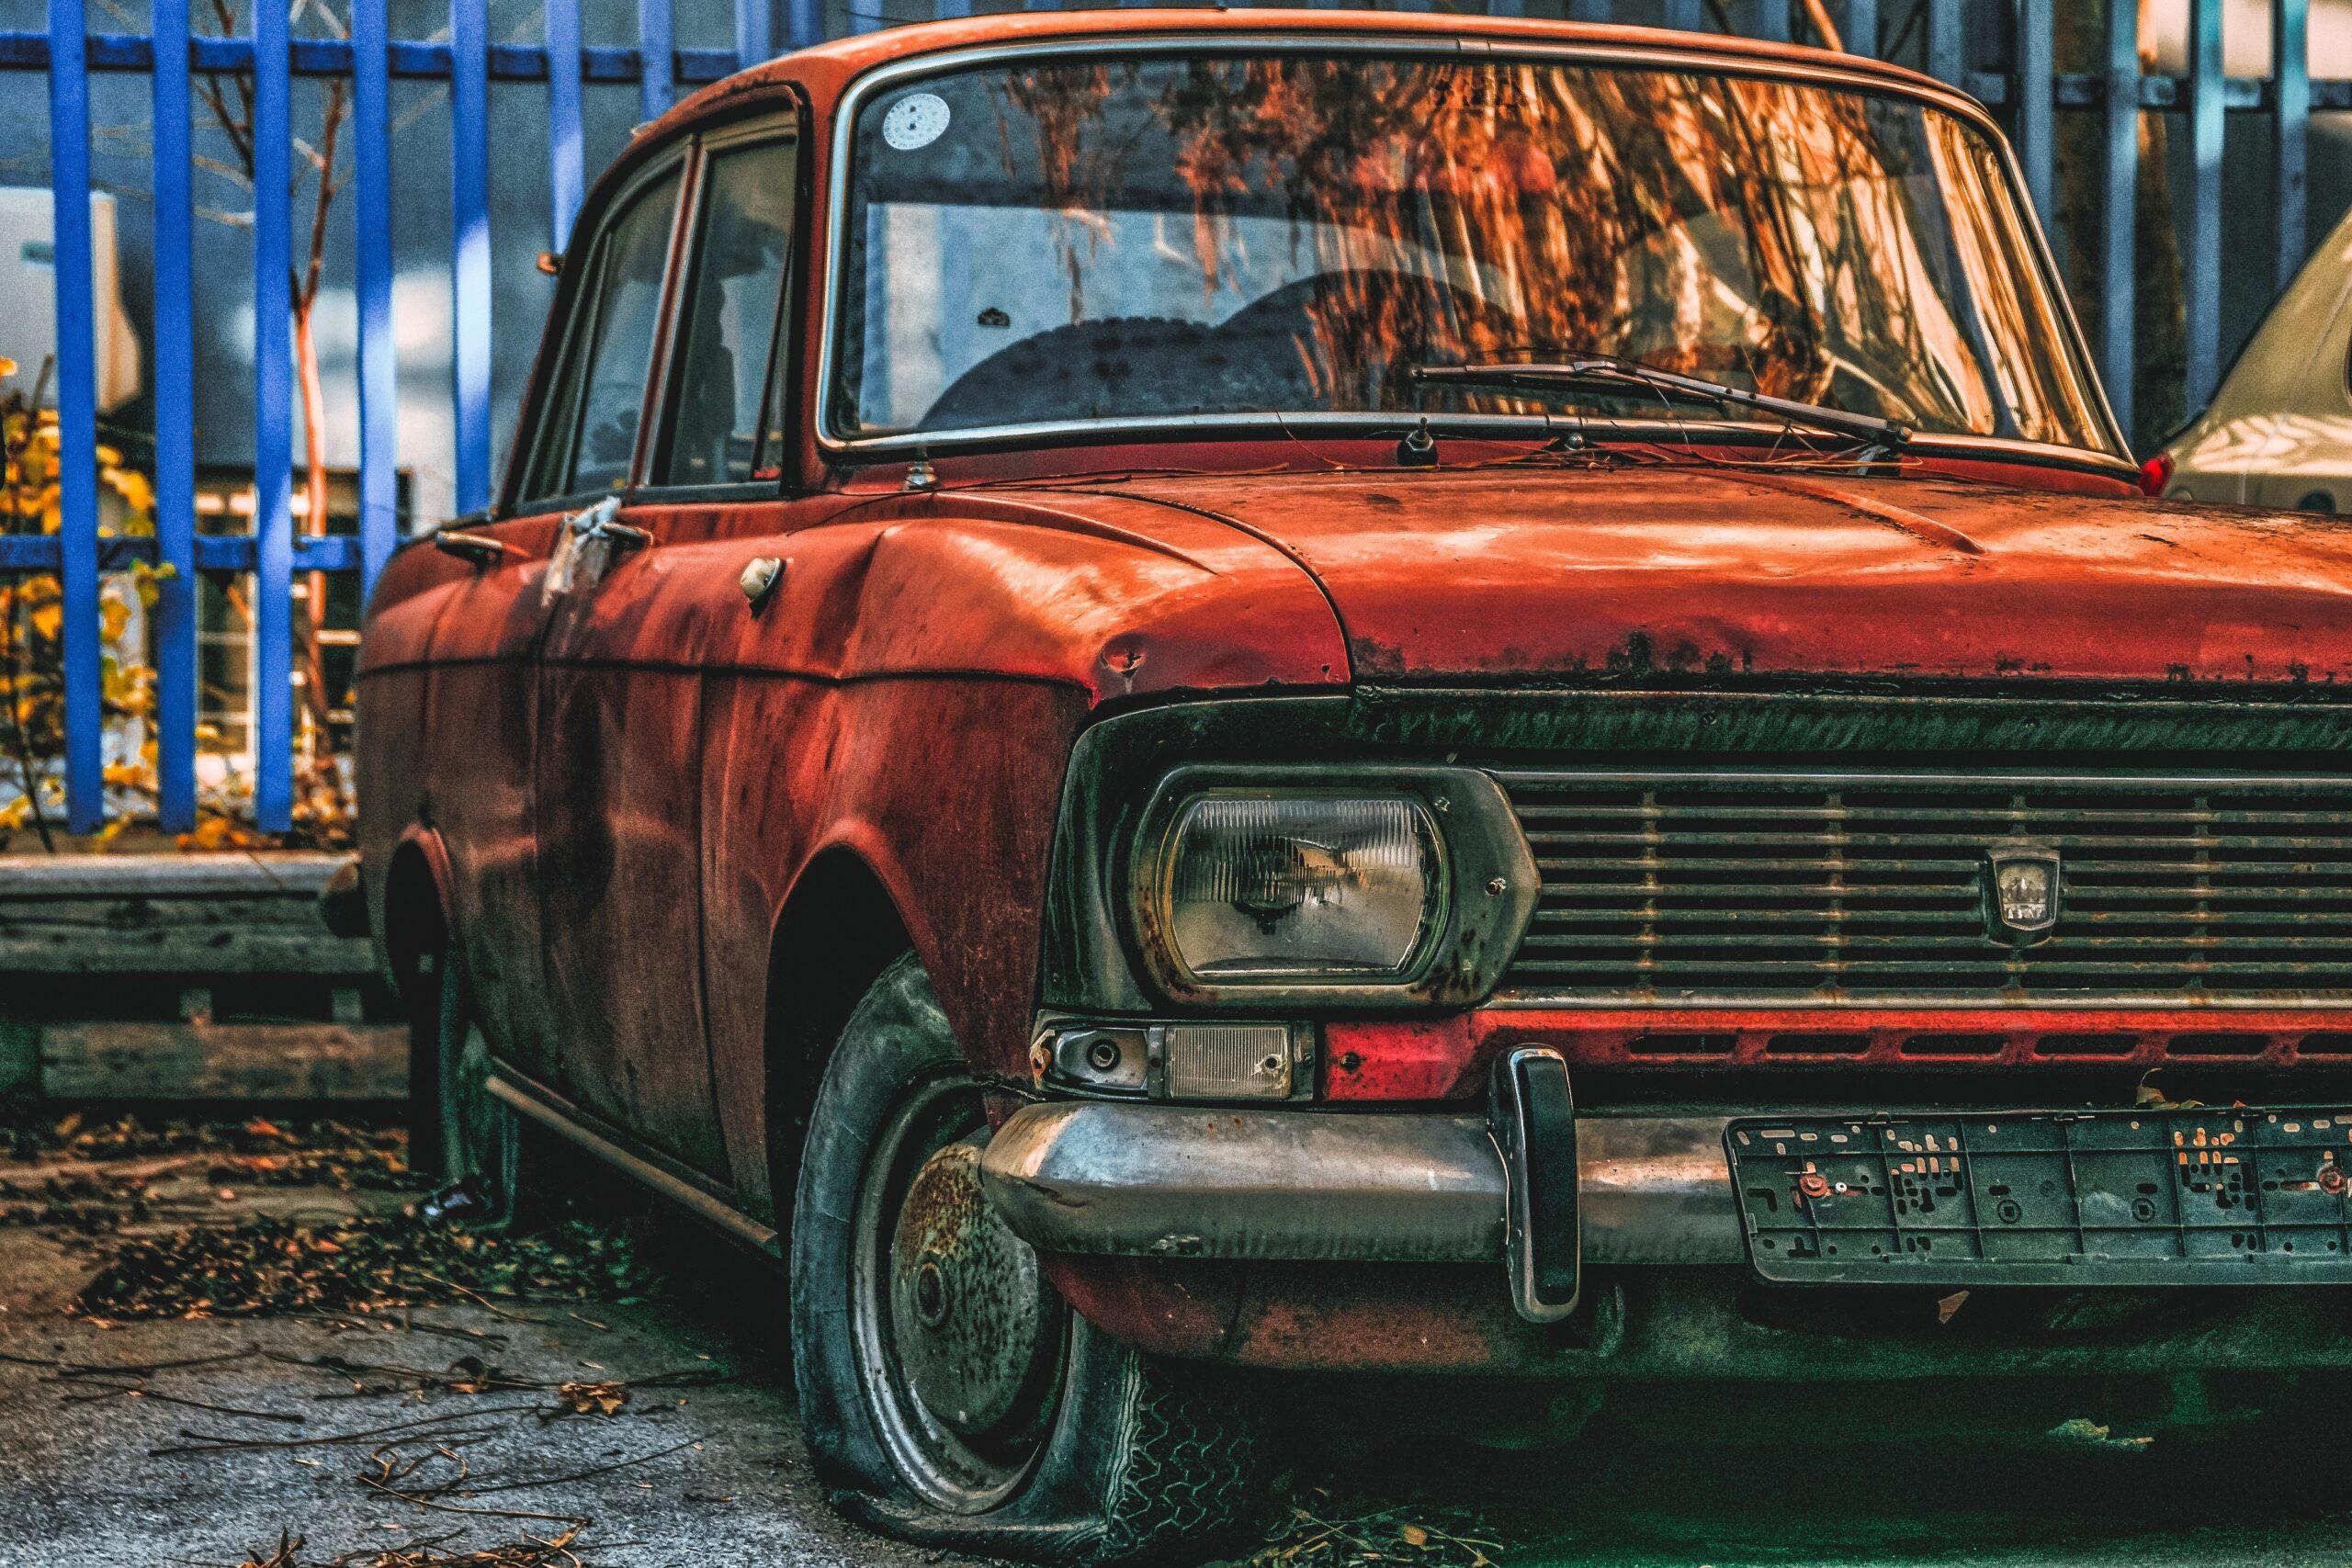 Rust på bilen: 5 gode råd for å unngå rustdannelse